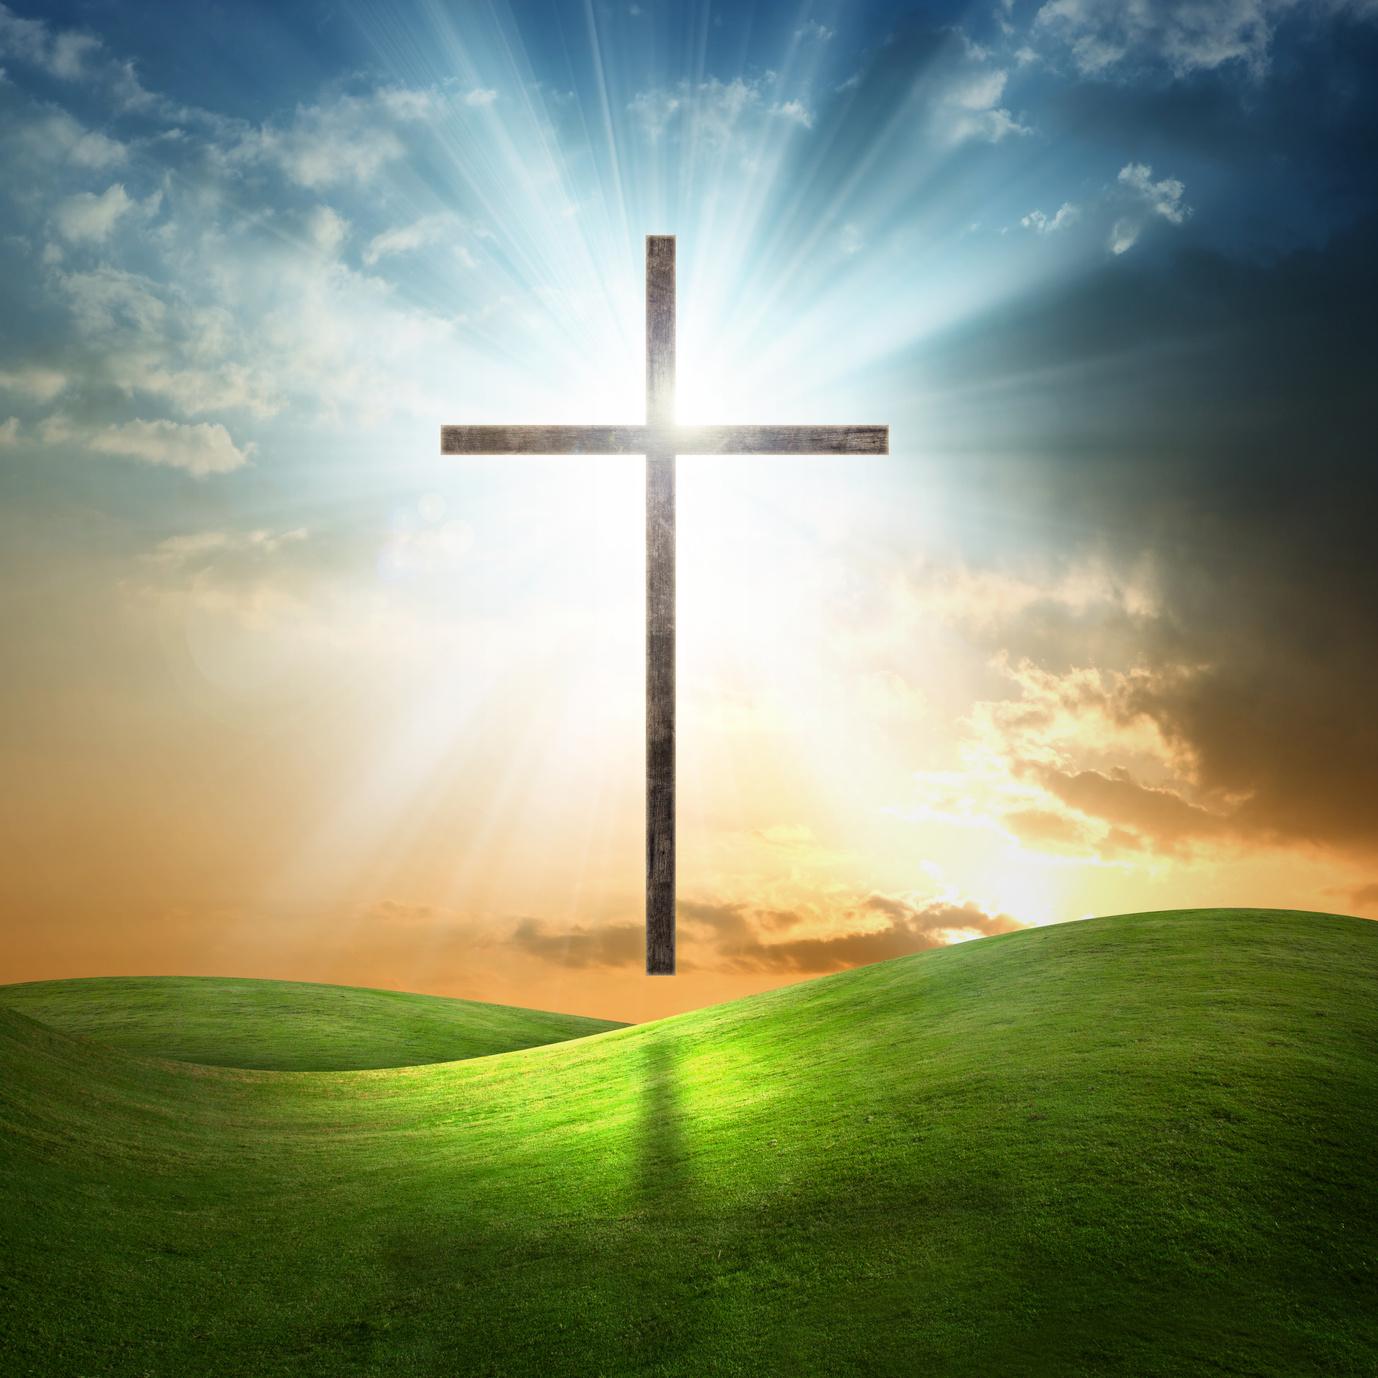 Christian Cross Wallpapers Wallpaper 1378x1378